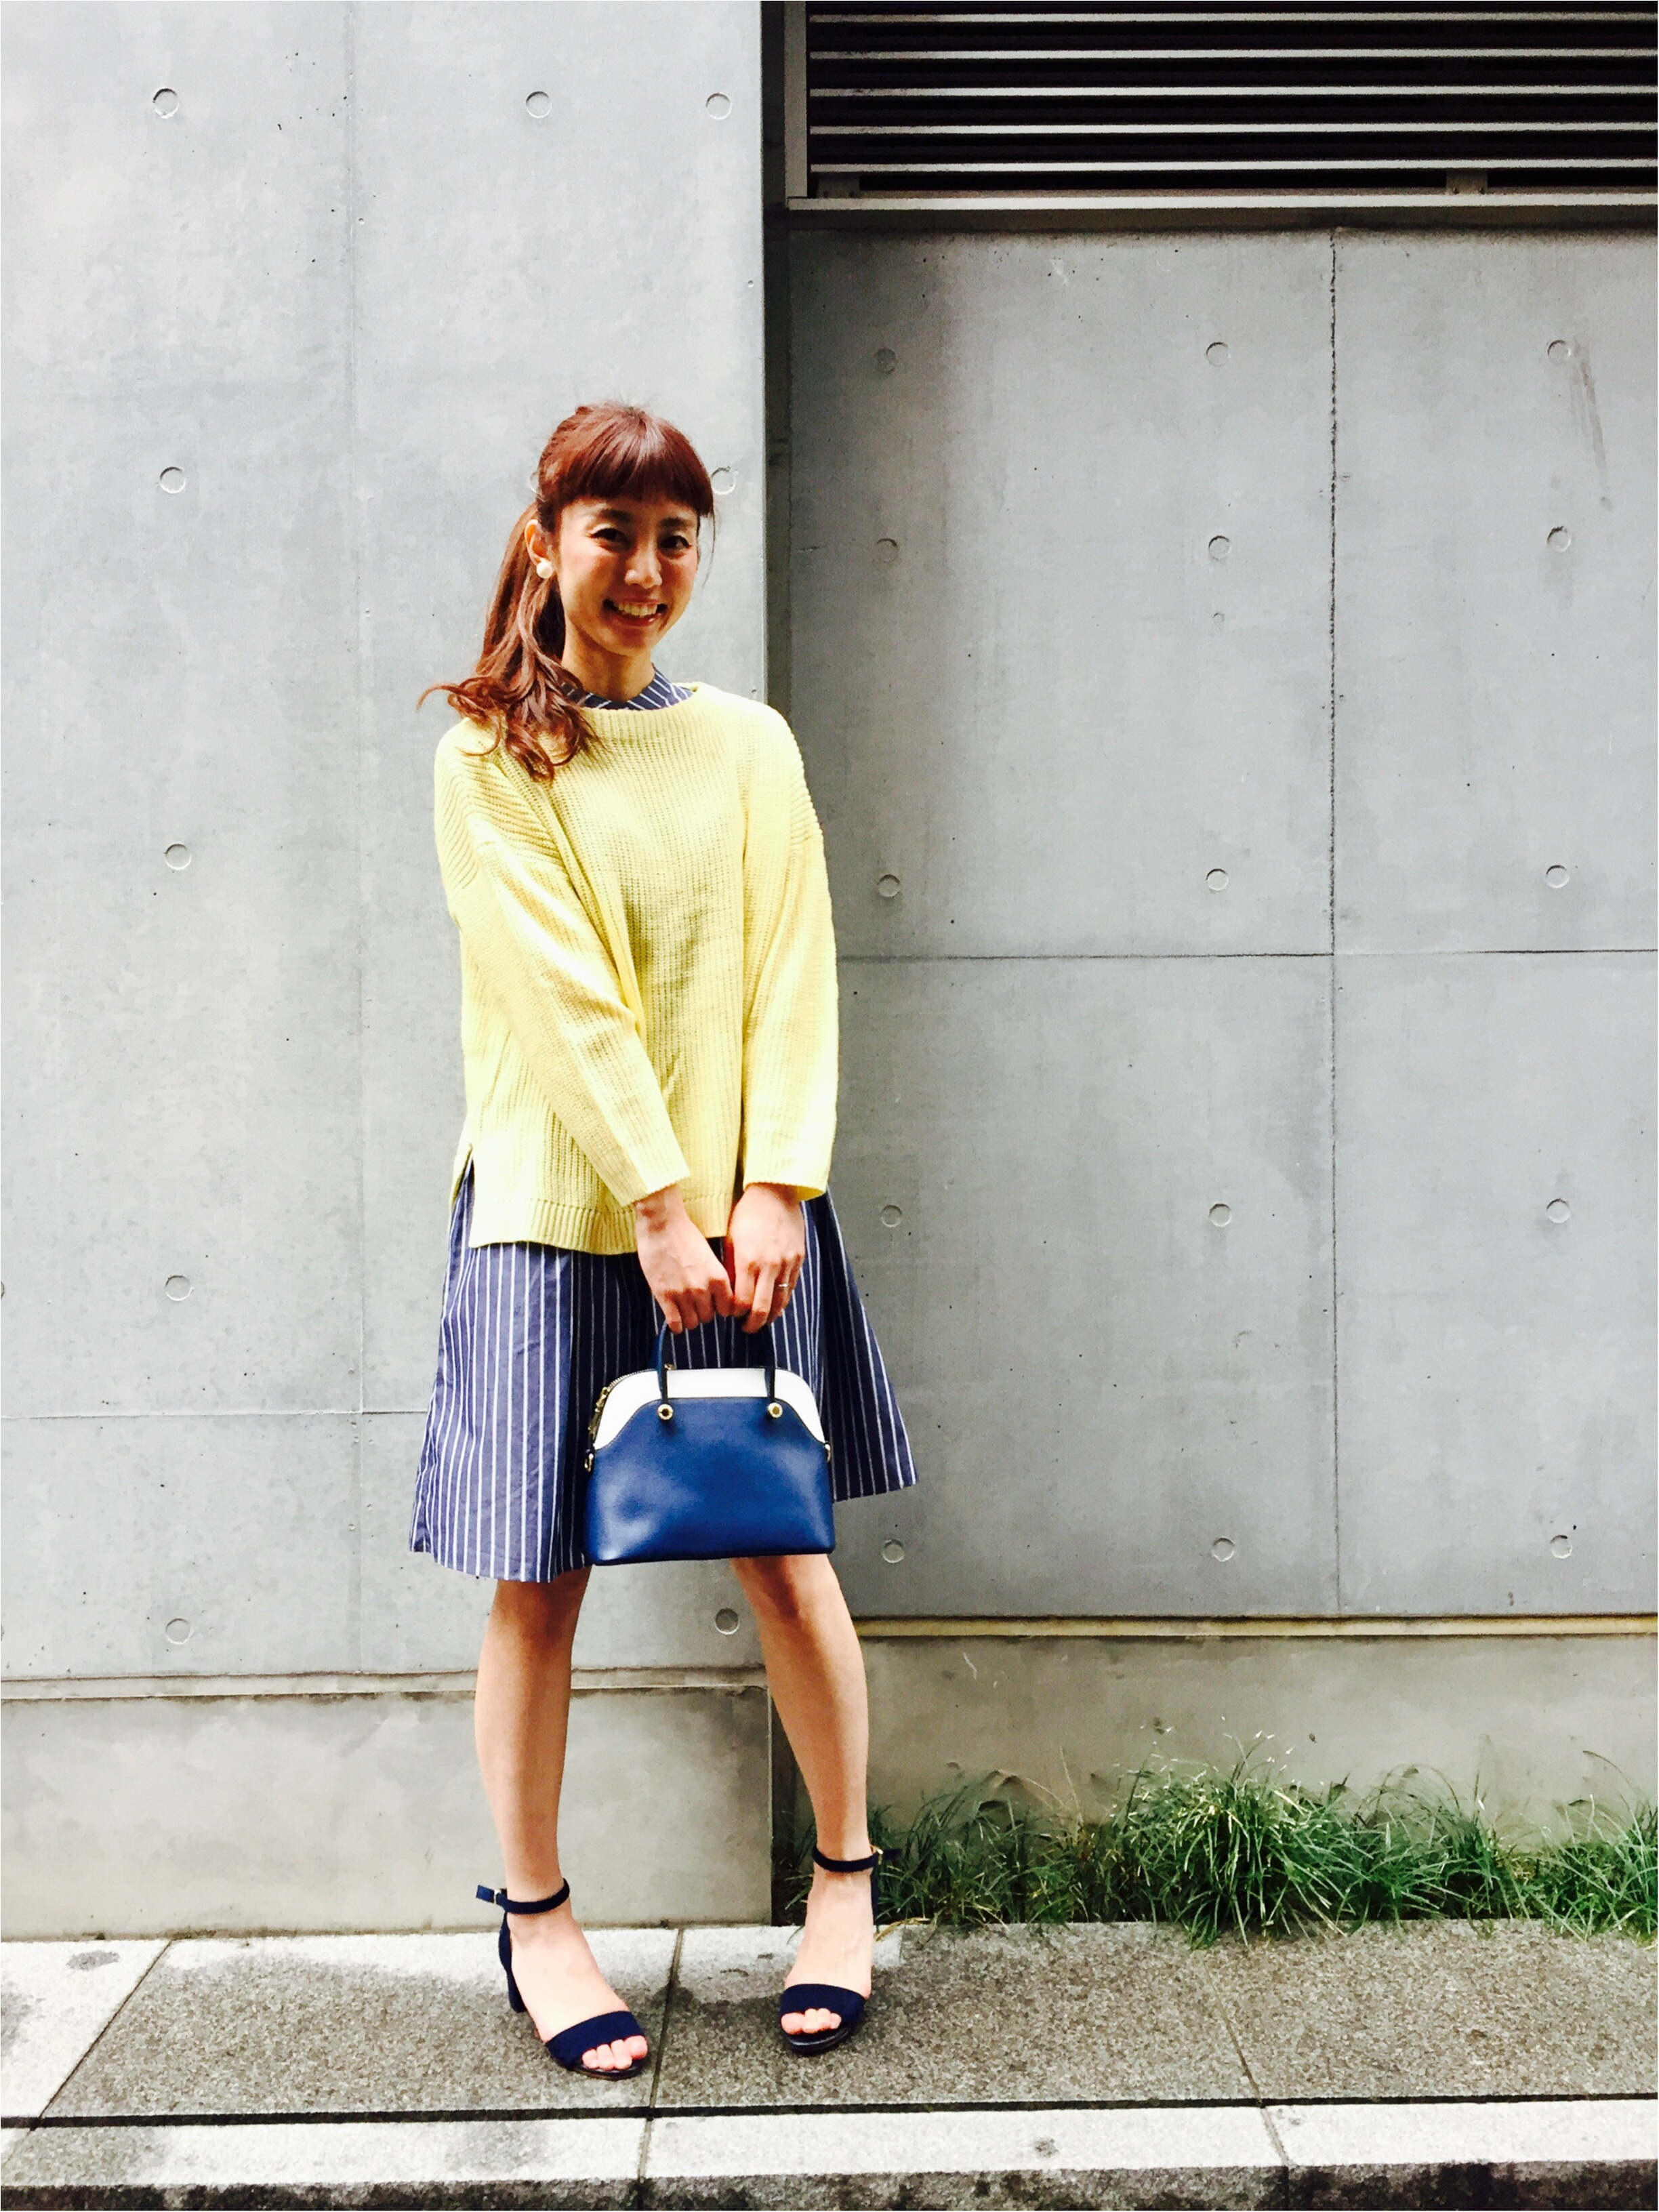 集英社公式通販サイト【FLAG SHOP】でGET MORE!!今買って夏まで着れちゃうものばかりをご紹介!!_2